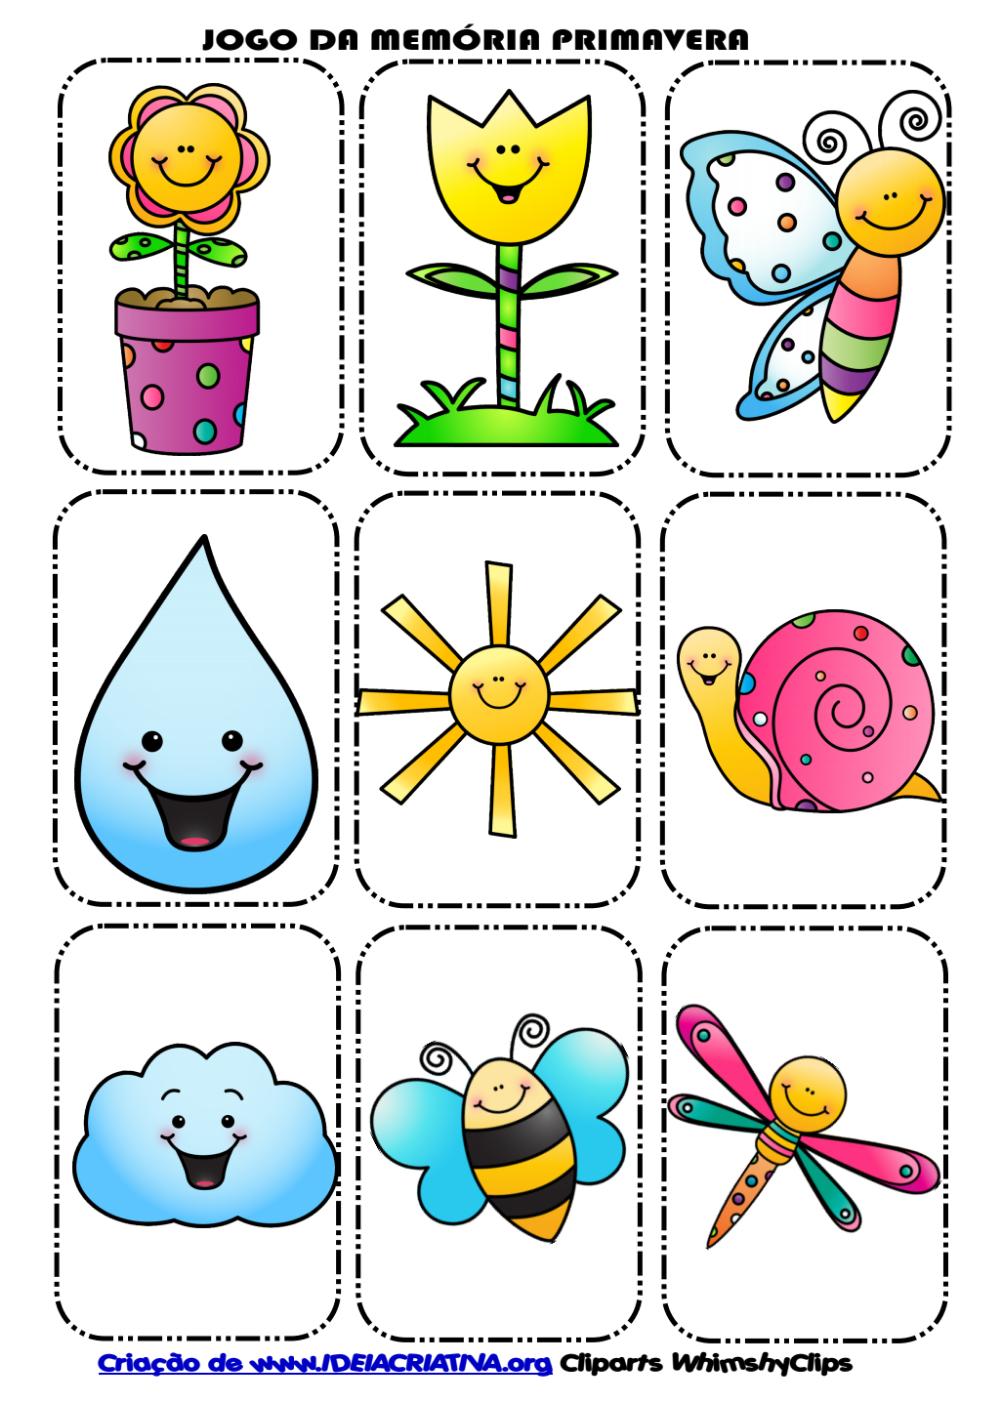 Jogo Memoria Primavera Pdf Google Drive Educacao Infantil Atividades Ludicas Educacao Infantil Dia Da Crianca